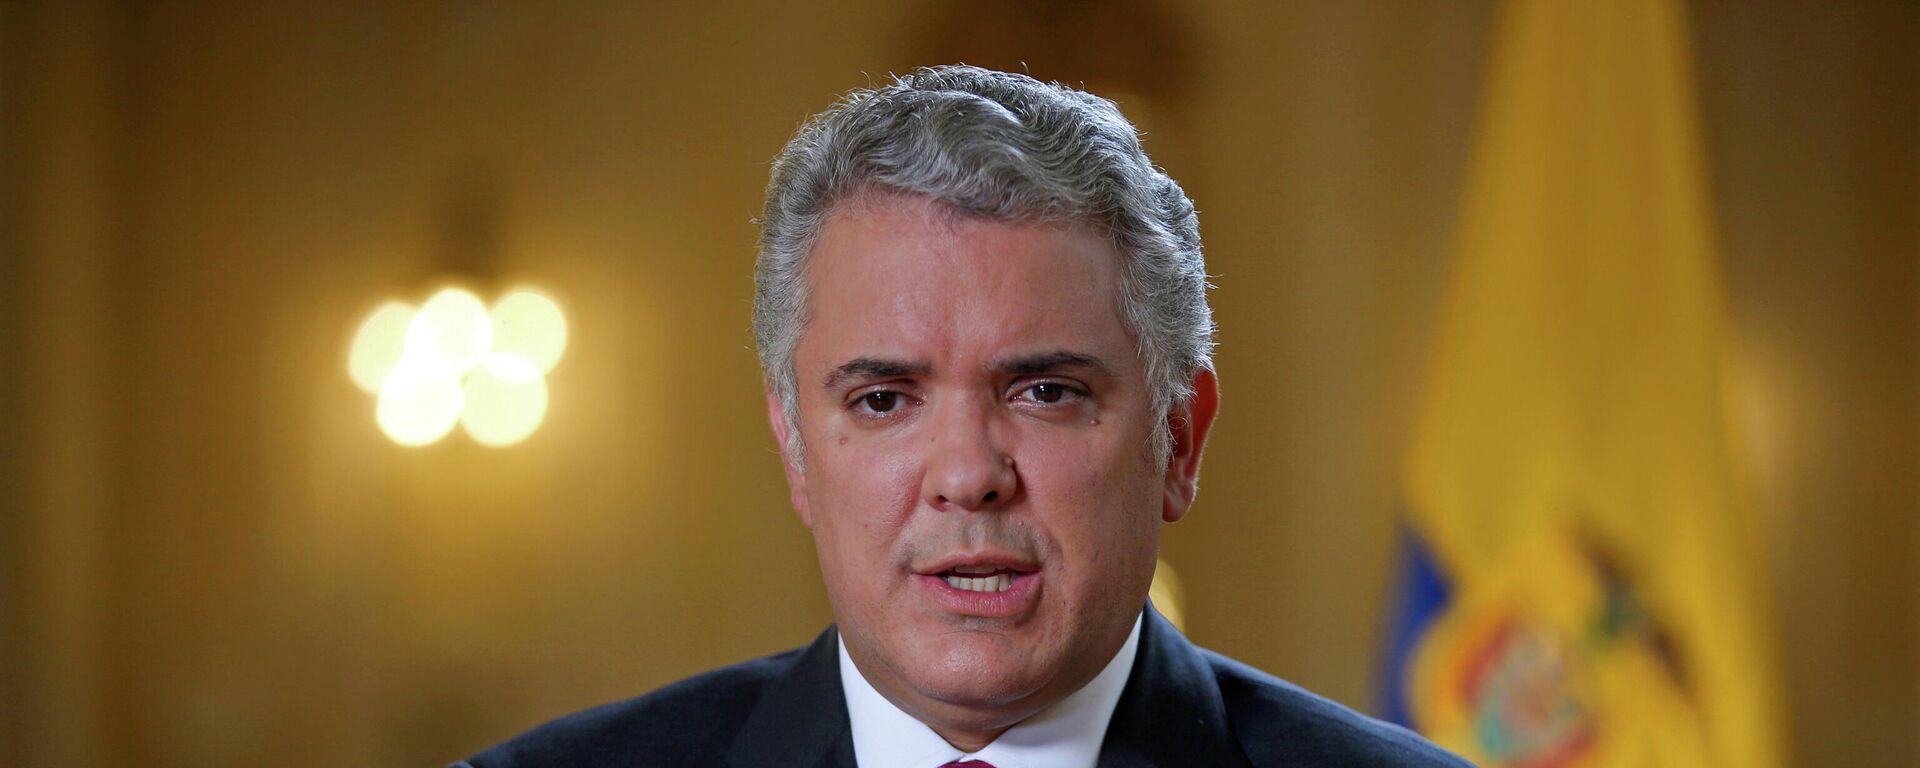 Kolumbiens Präsident Iván Duque  - SNA, 1920, 02.05.2021